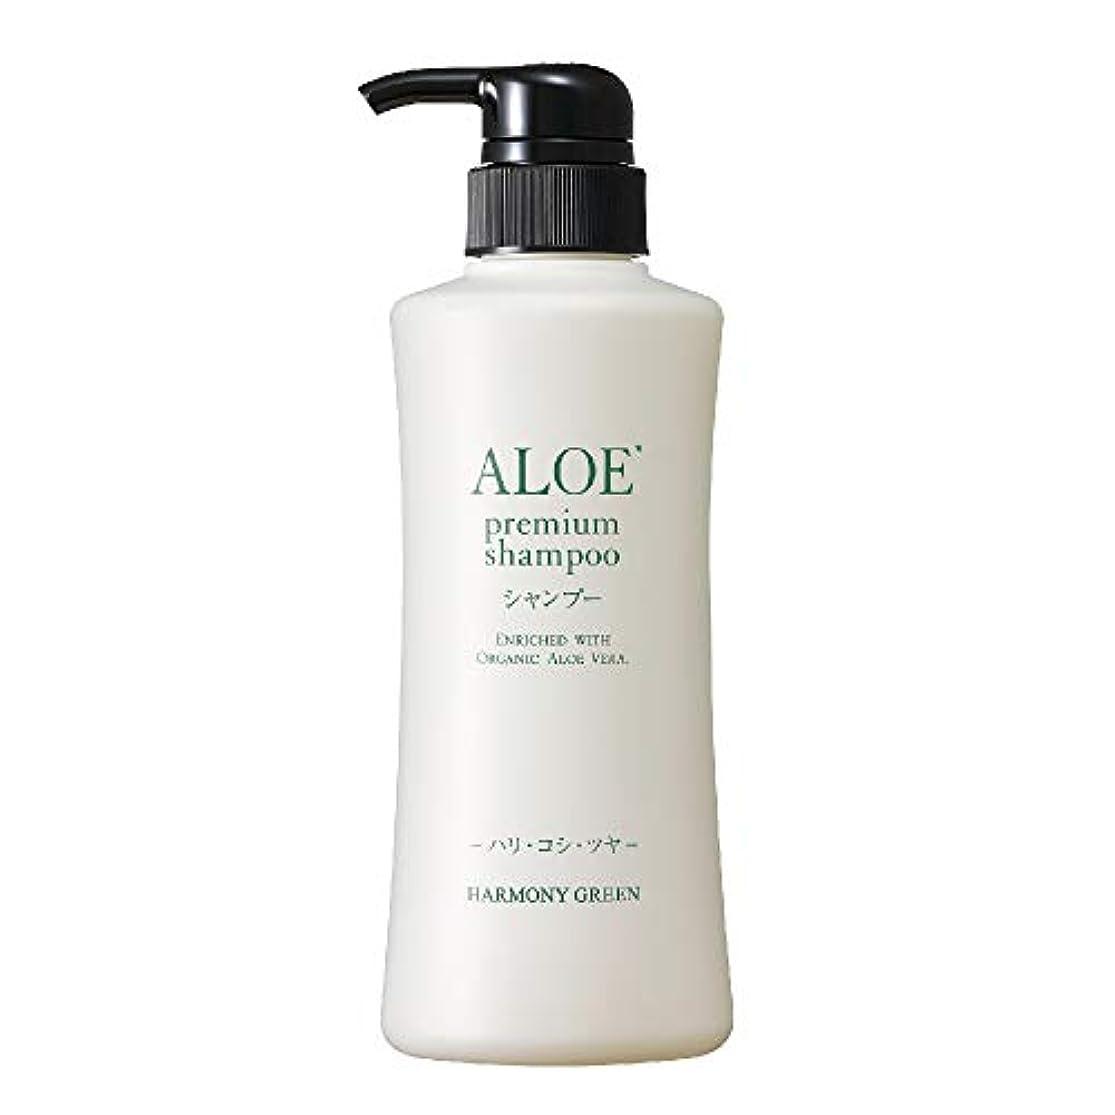 喜んでフェデレーション代わりのアロエプレミアム シャンプー〈頭髪用洗浄料〉